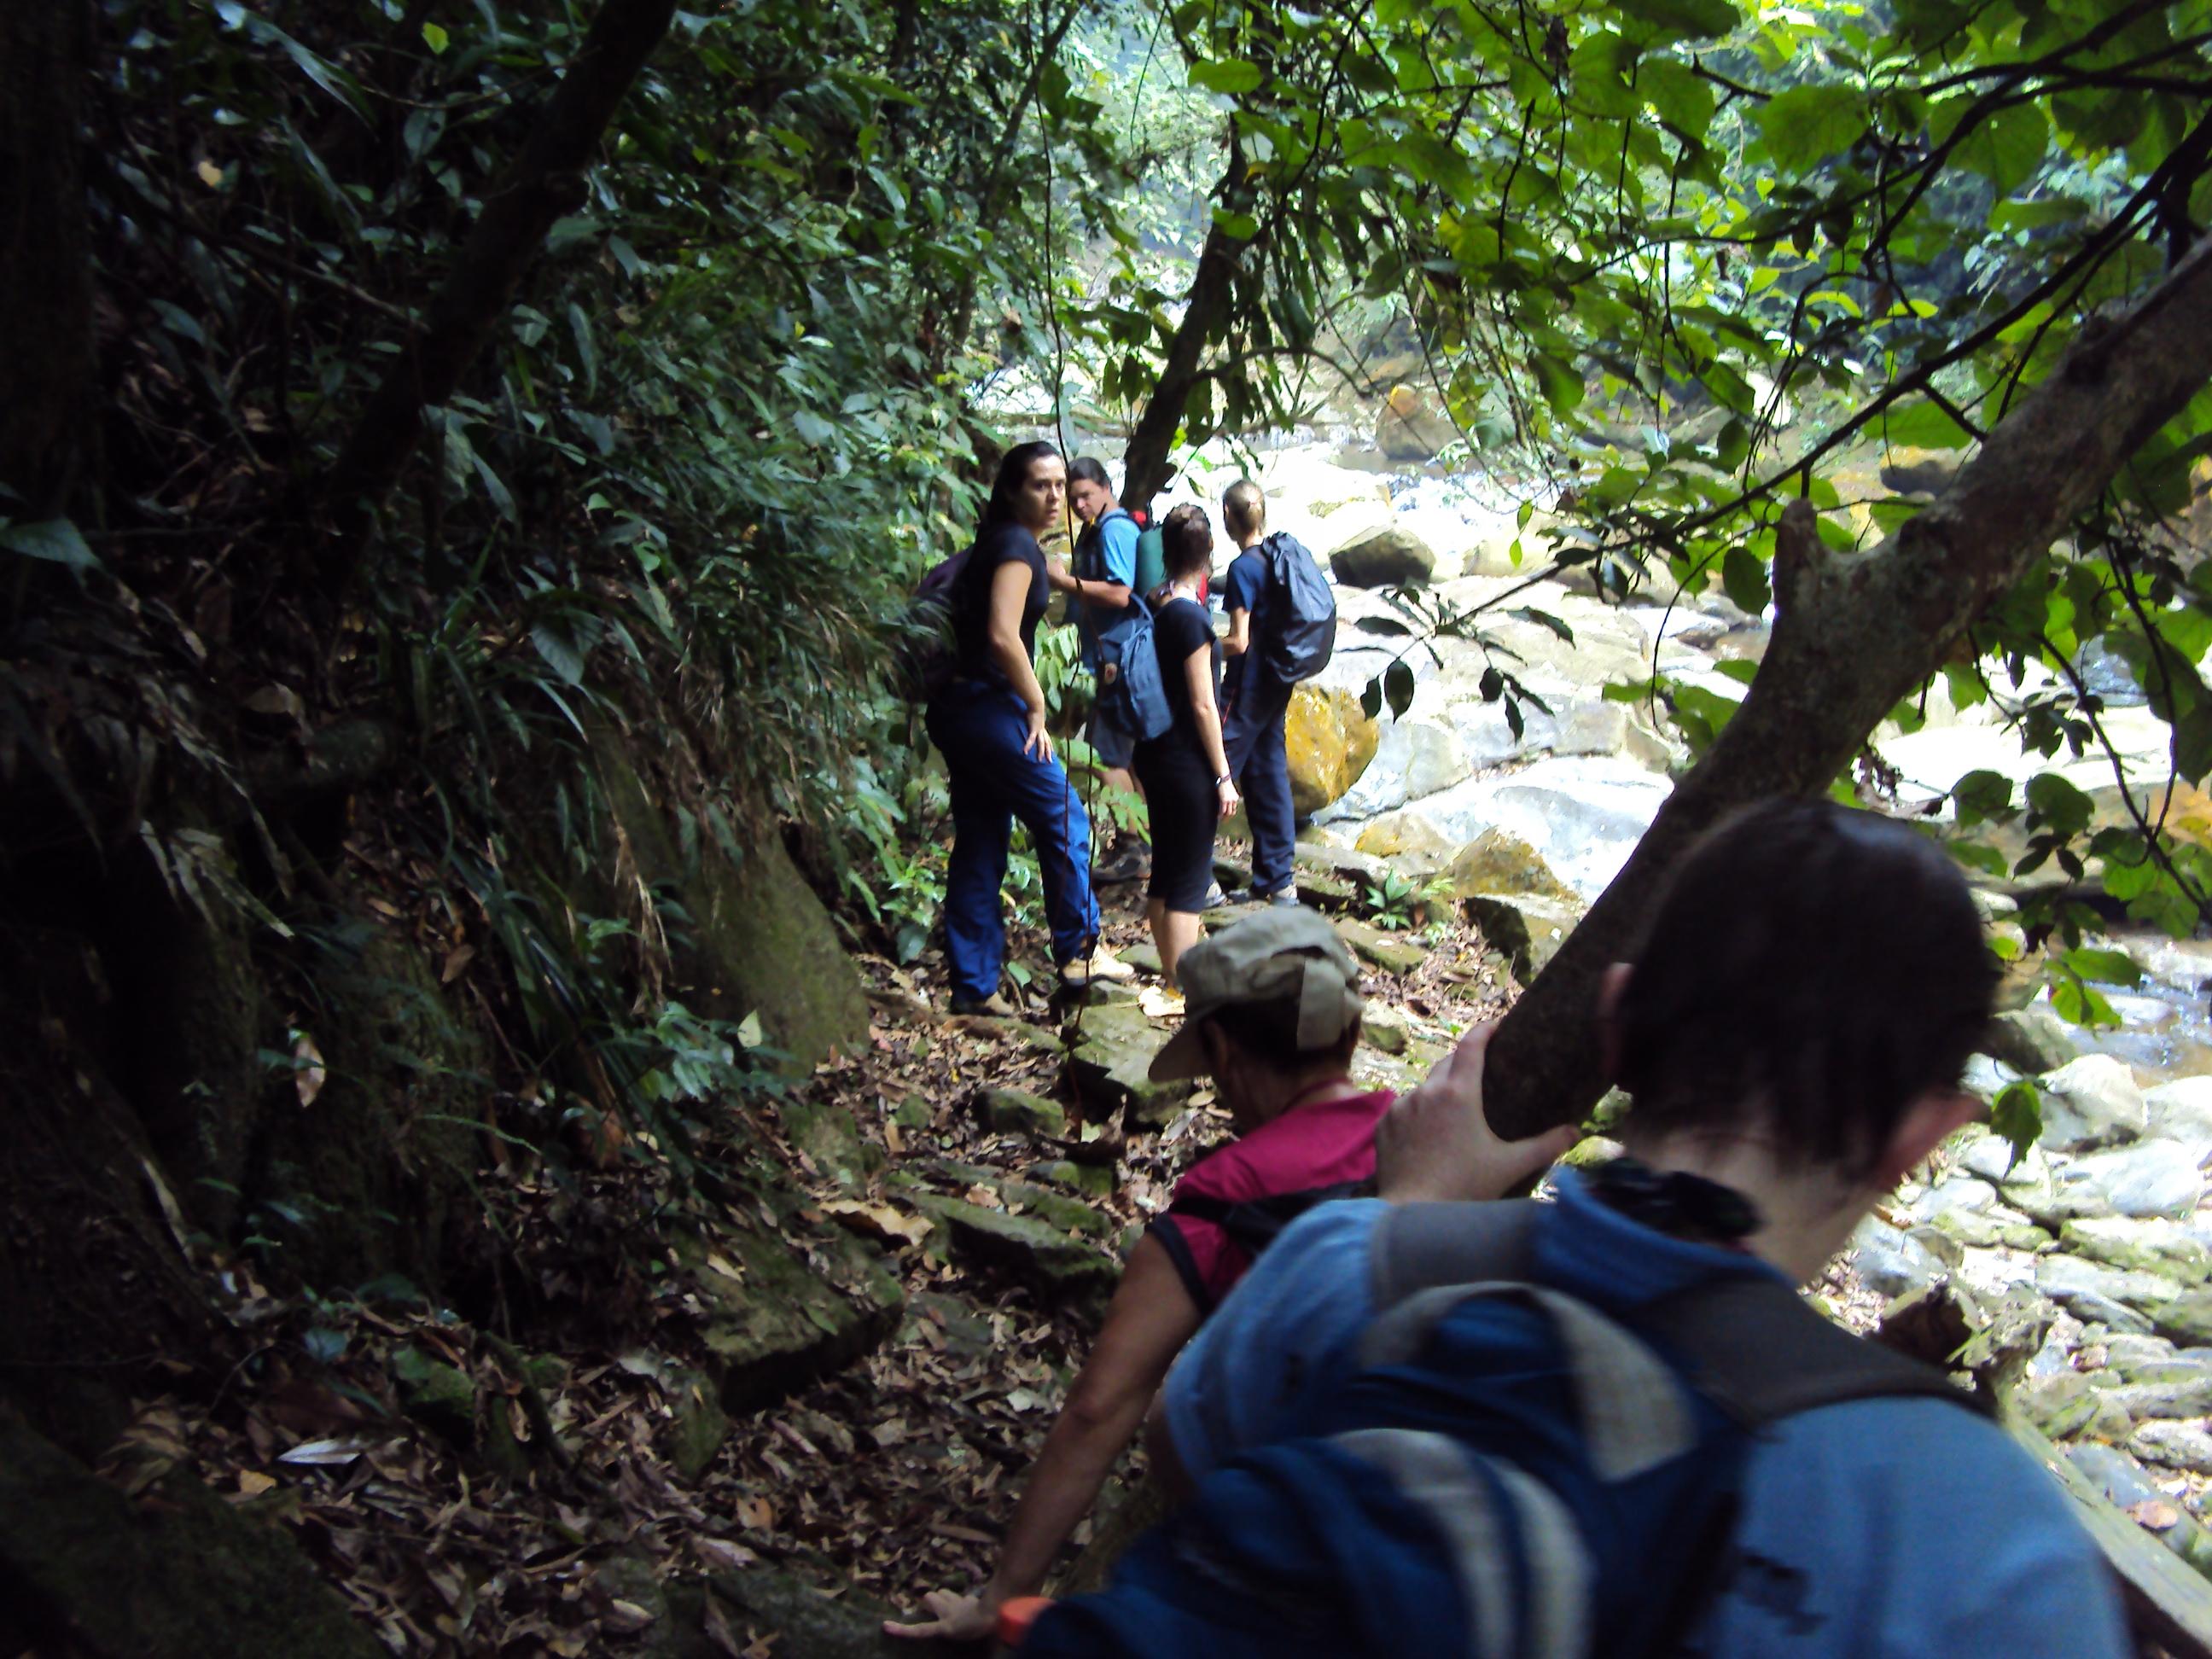 Vale das cachoeiras novembro 2014 029.jpg